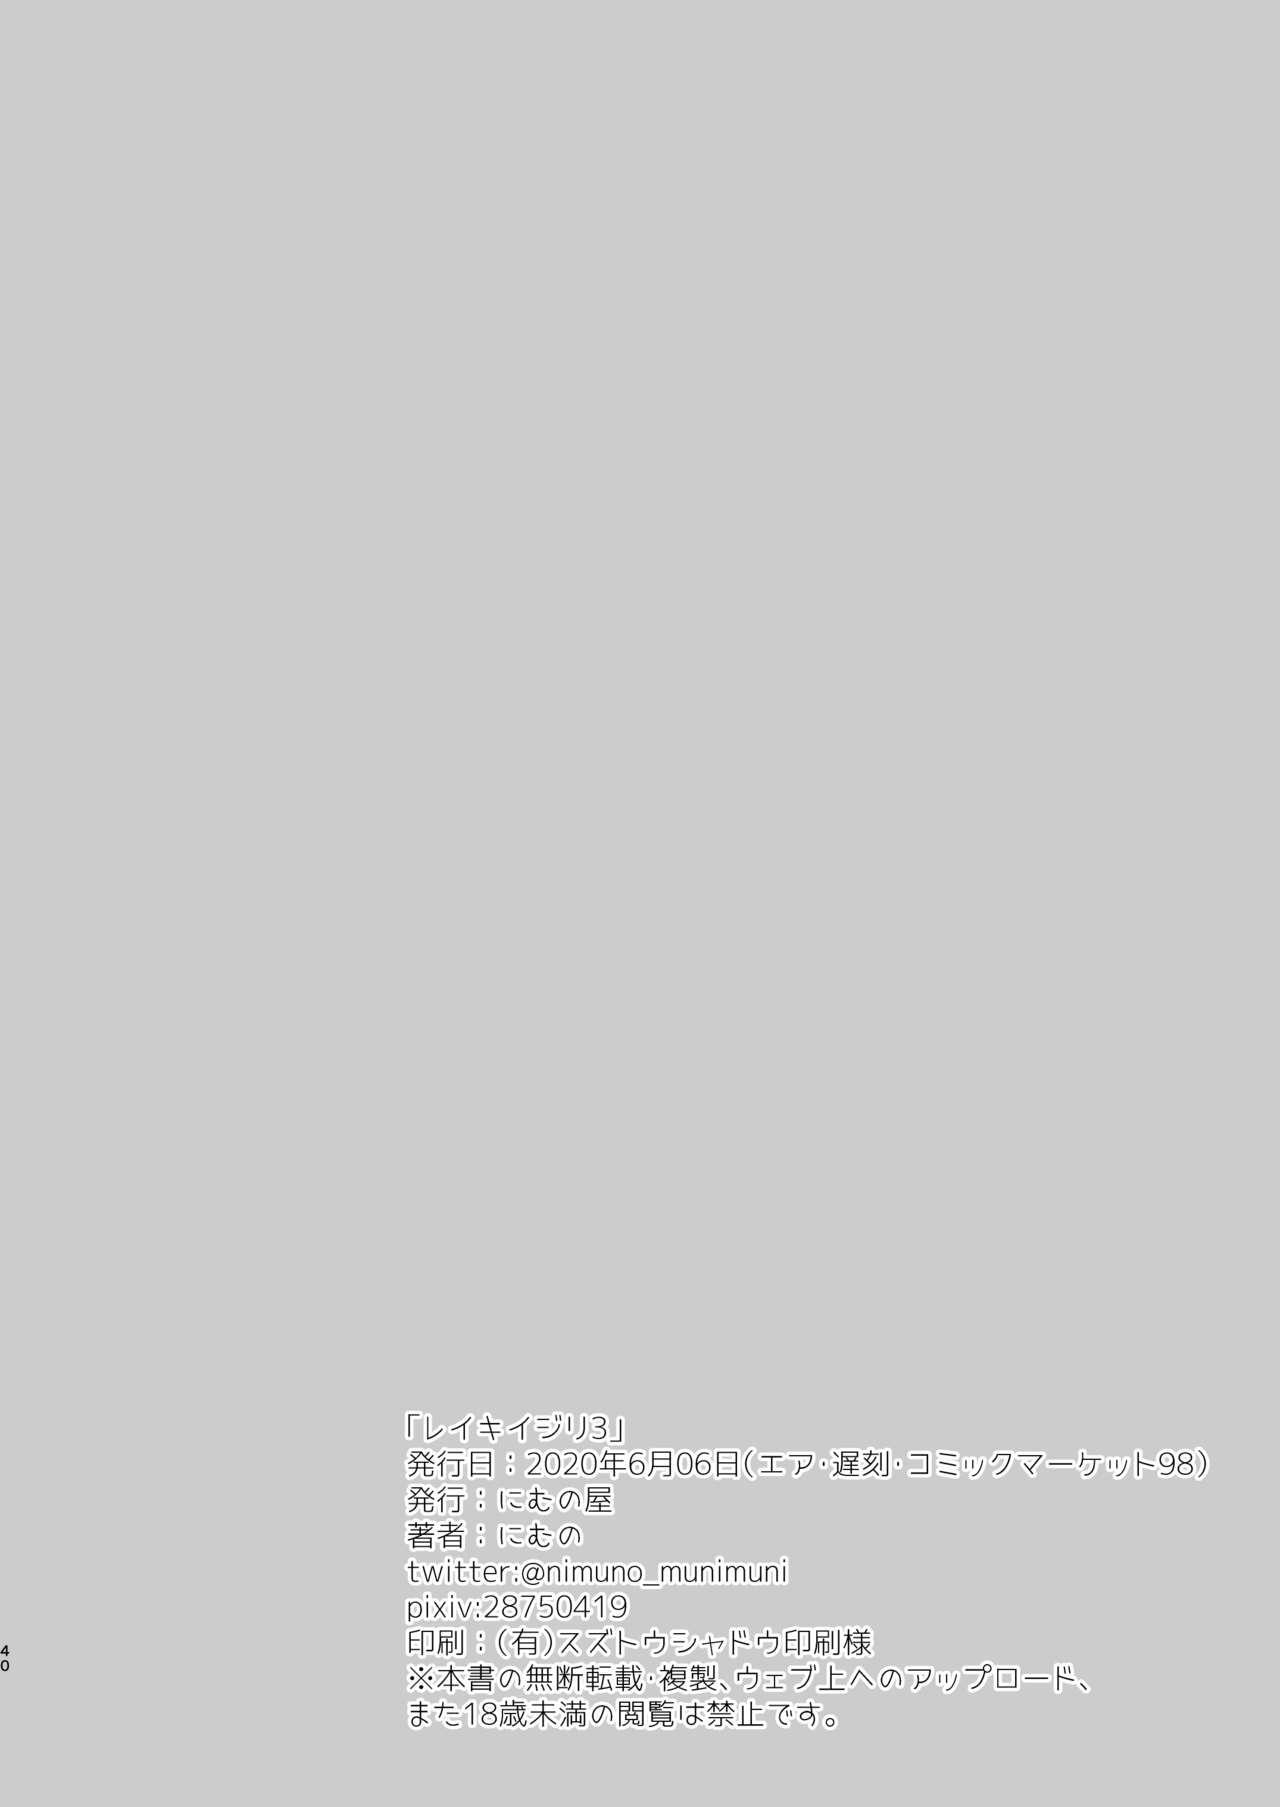 Reiki Ijiri 3 37